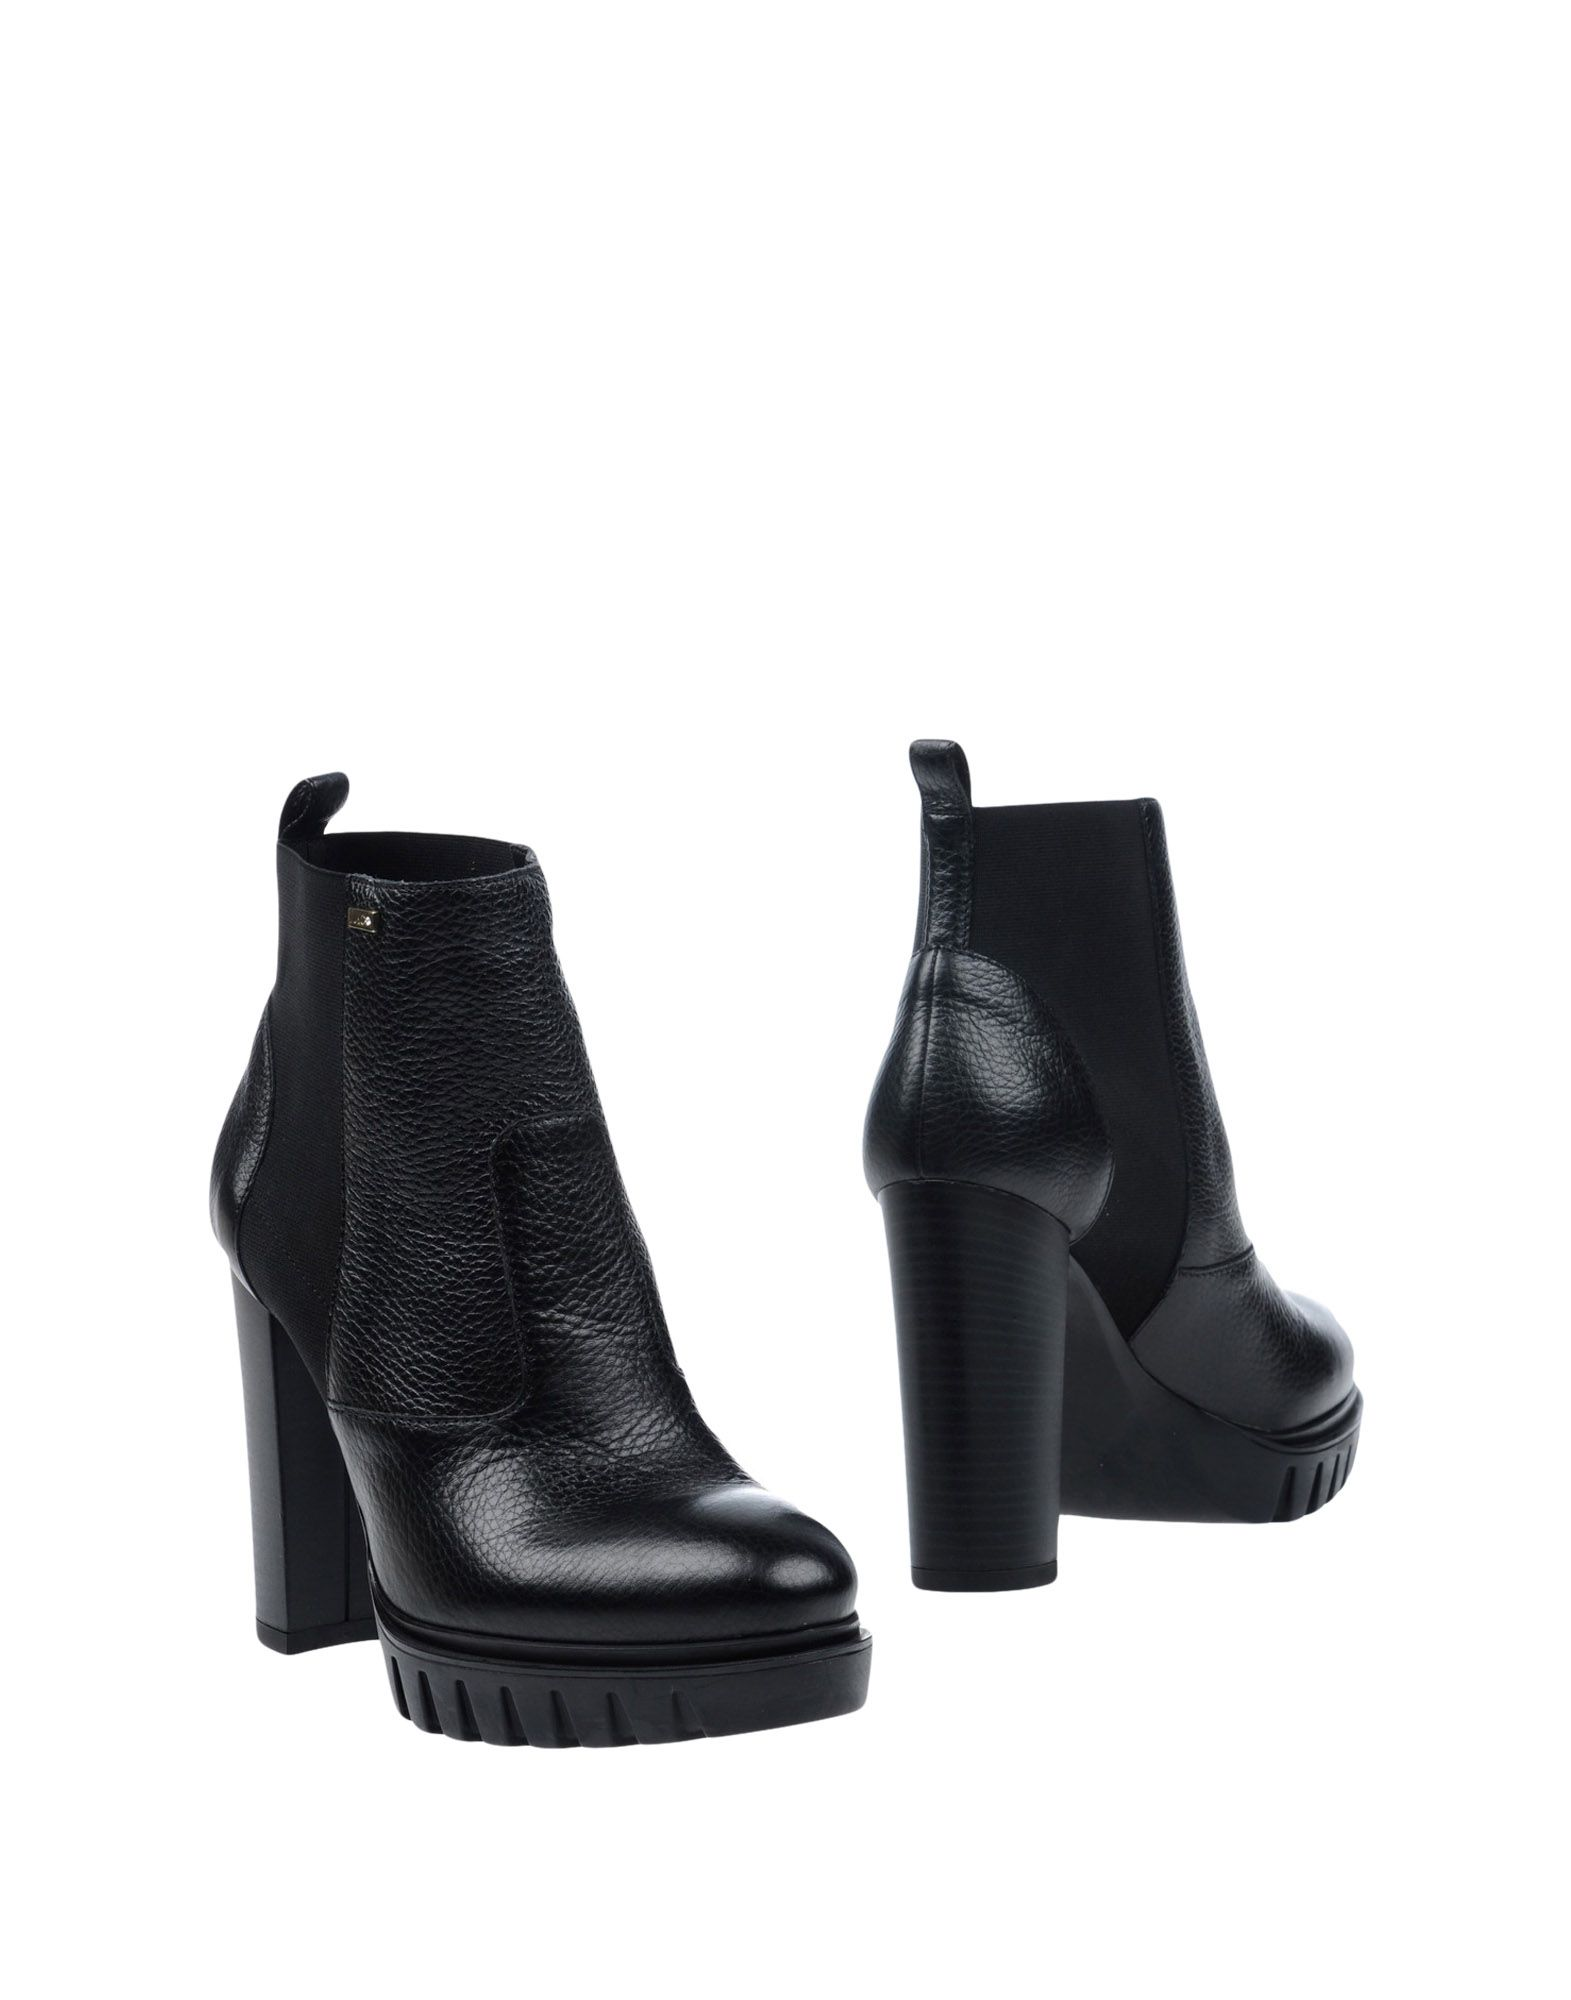 Bottillons Liu Bottillons •Jo Shoes Femme - Bottillons Liu Liu •Jo Shoes Noir Dédouanement saisonnier c2f219